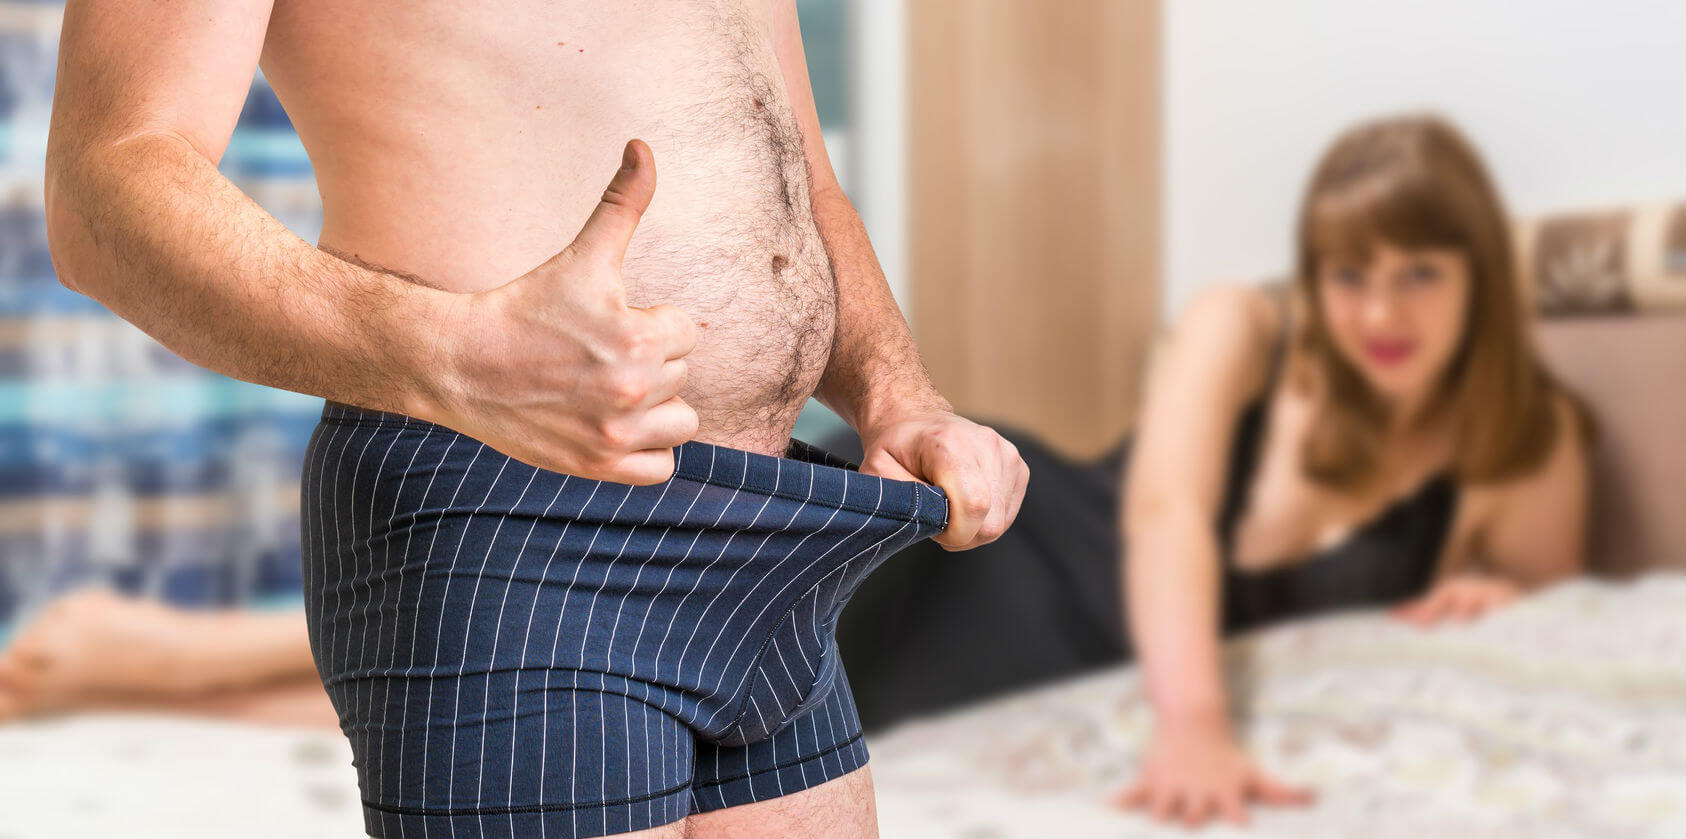 mi felelős a péniszért a pénisz folyamatosan merevedésben van